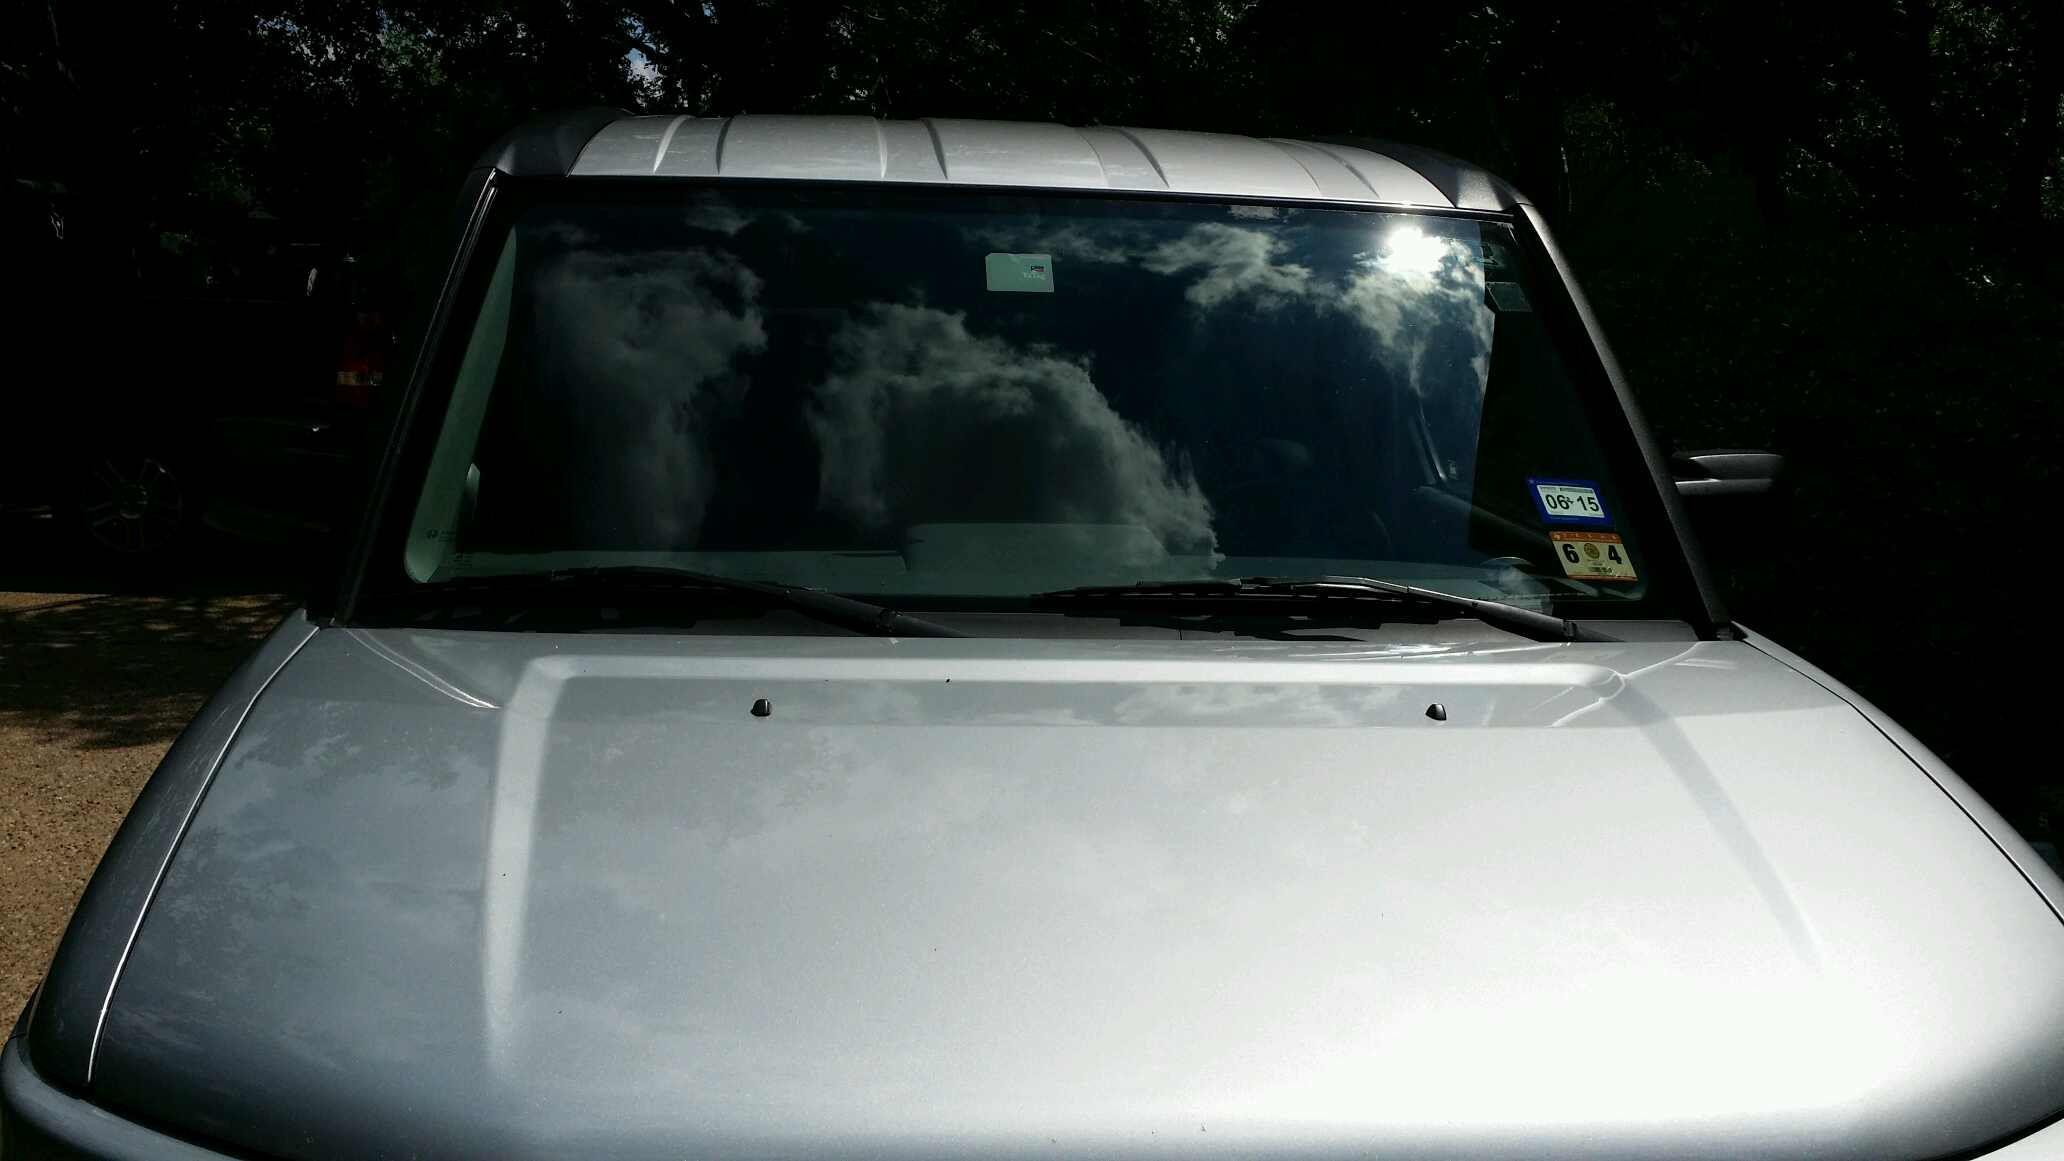 2006 honda element windshield. Black Bedroom Furniture Sets. Home Design Ideas